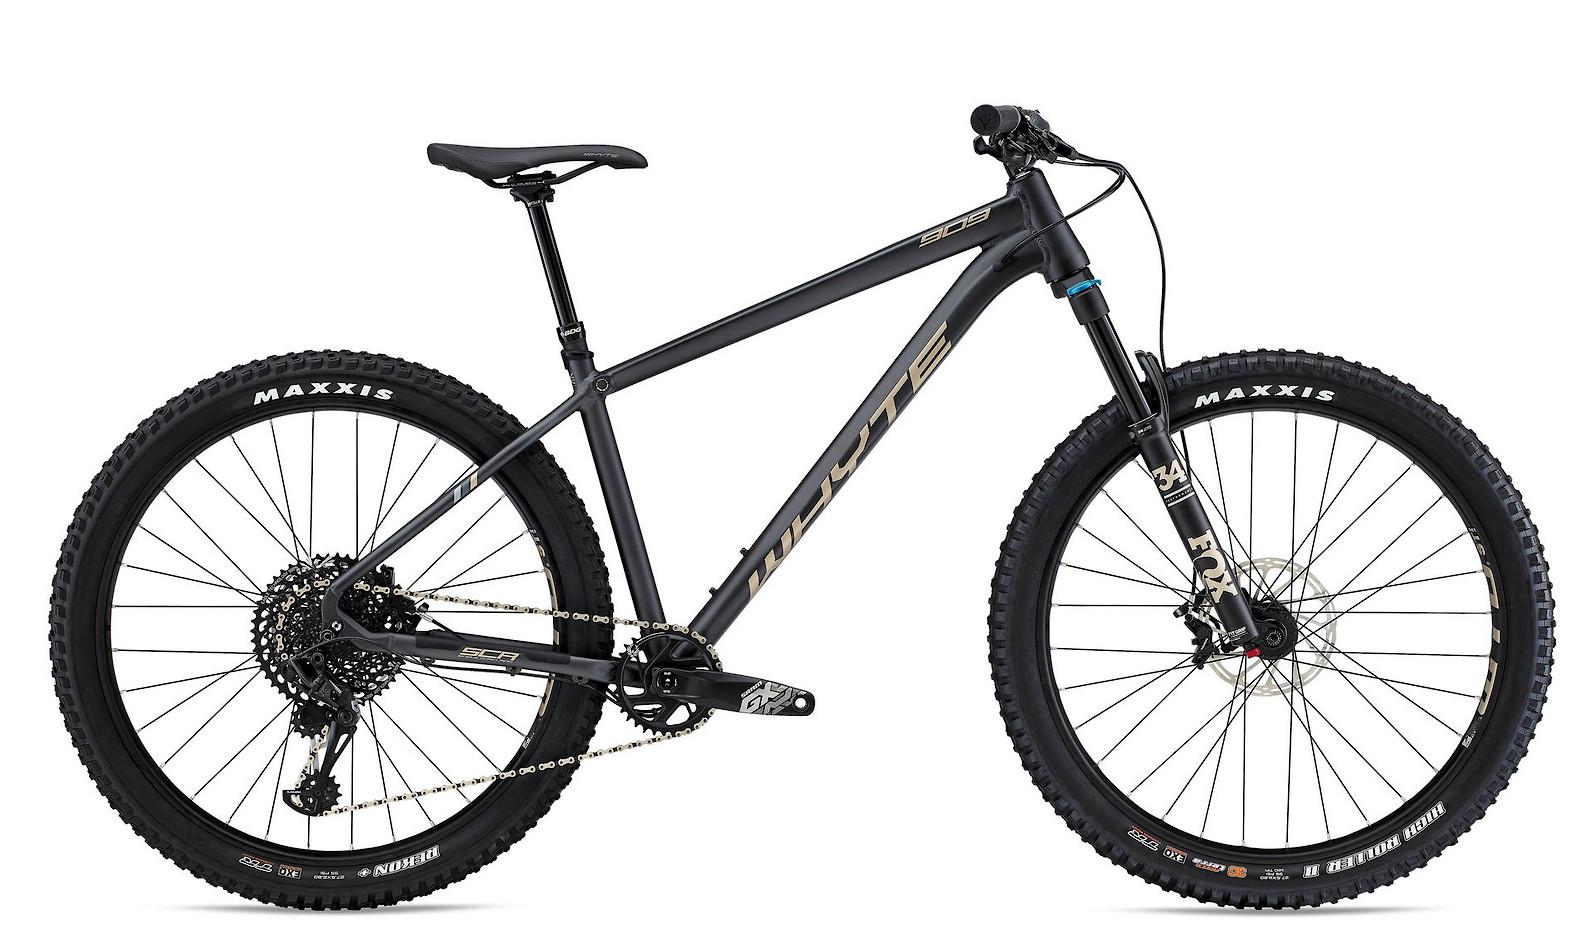 2019 Whyte 909 Bike